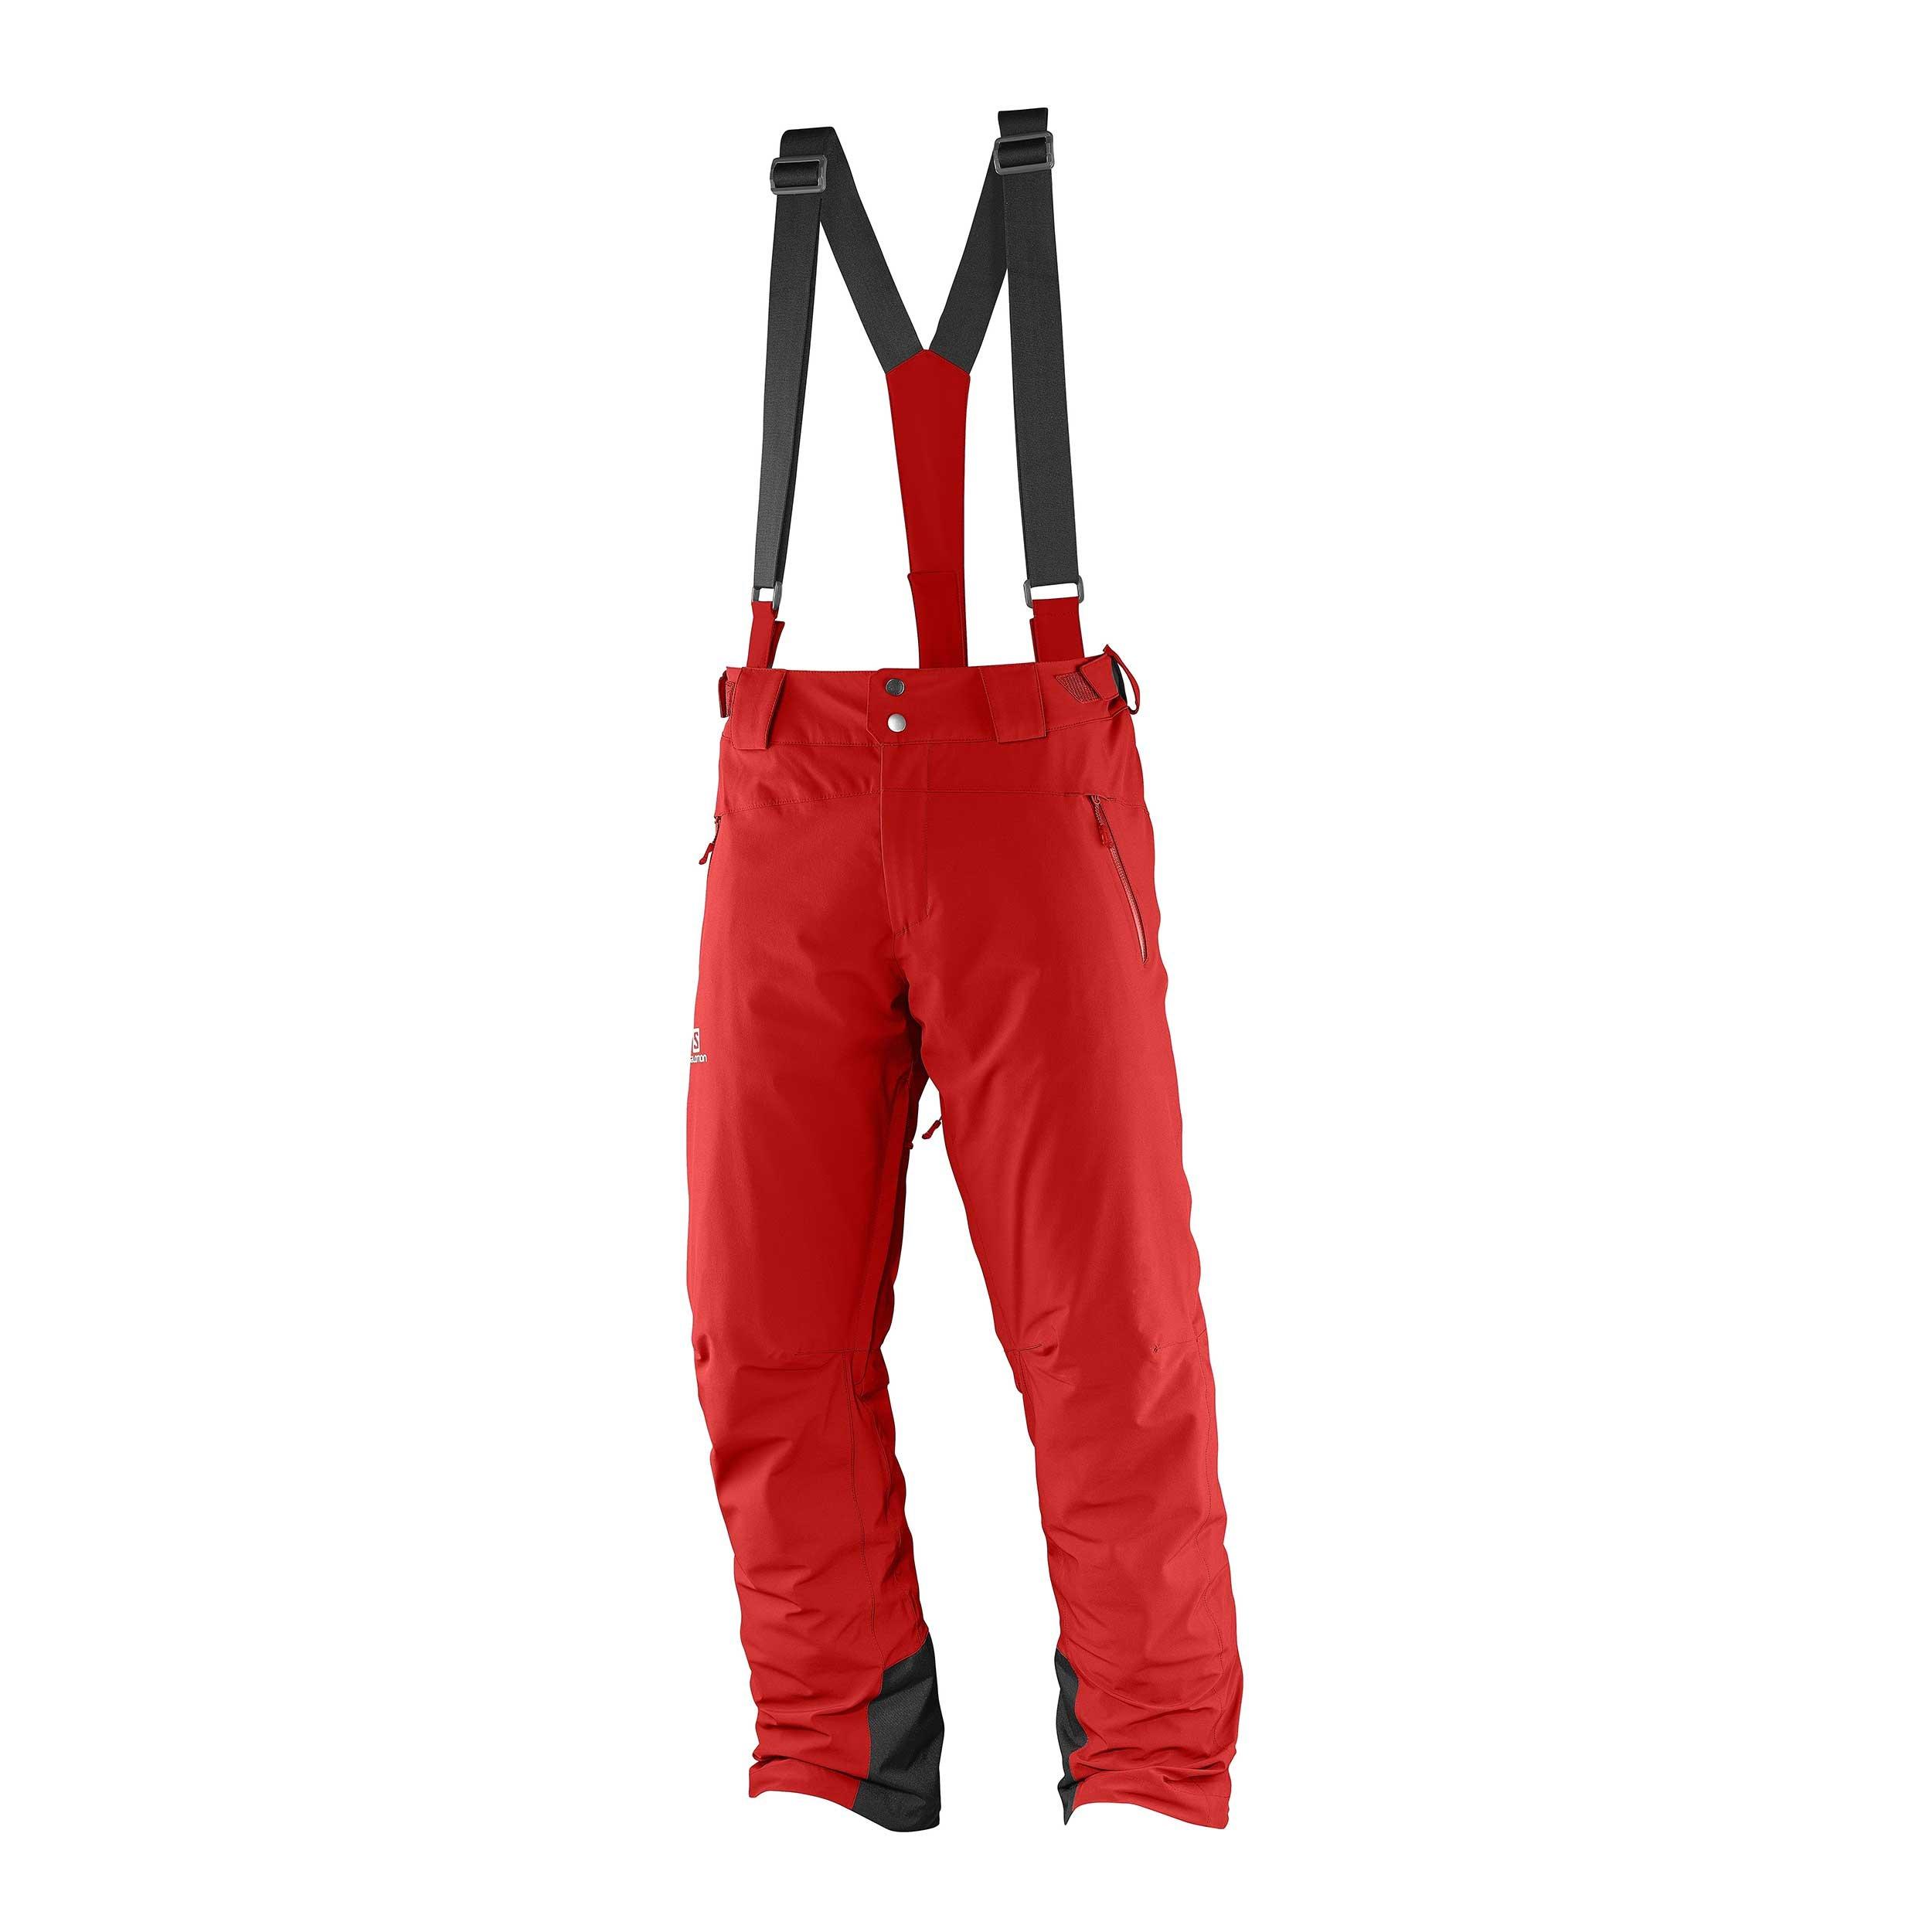 Salomon Sjezdové kalhoty ICEGLORY pant M